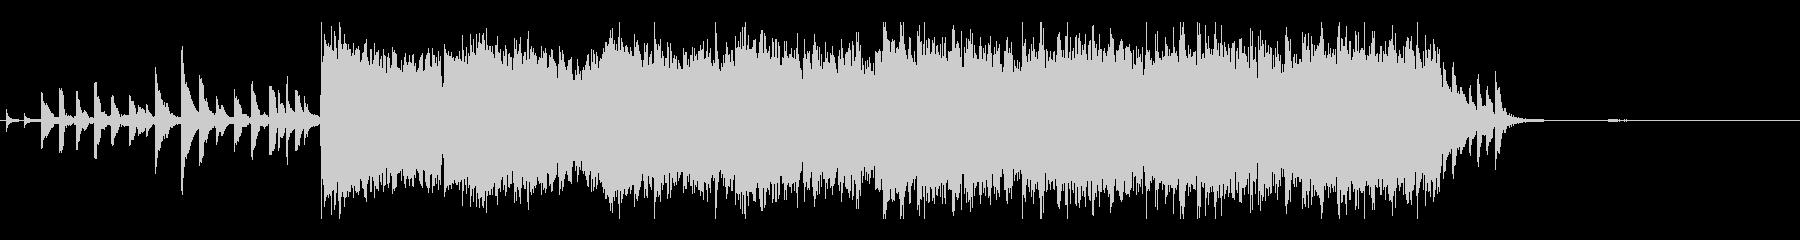 短編映像用のリゾートっぽさのあるBGMの未再生の波形